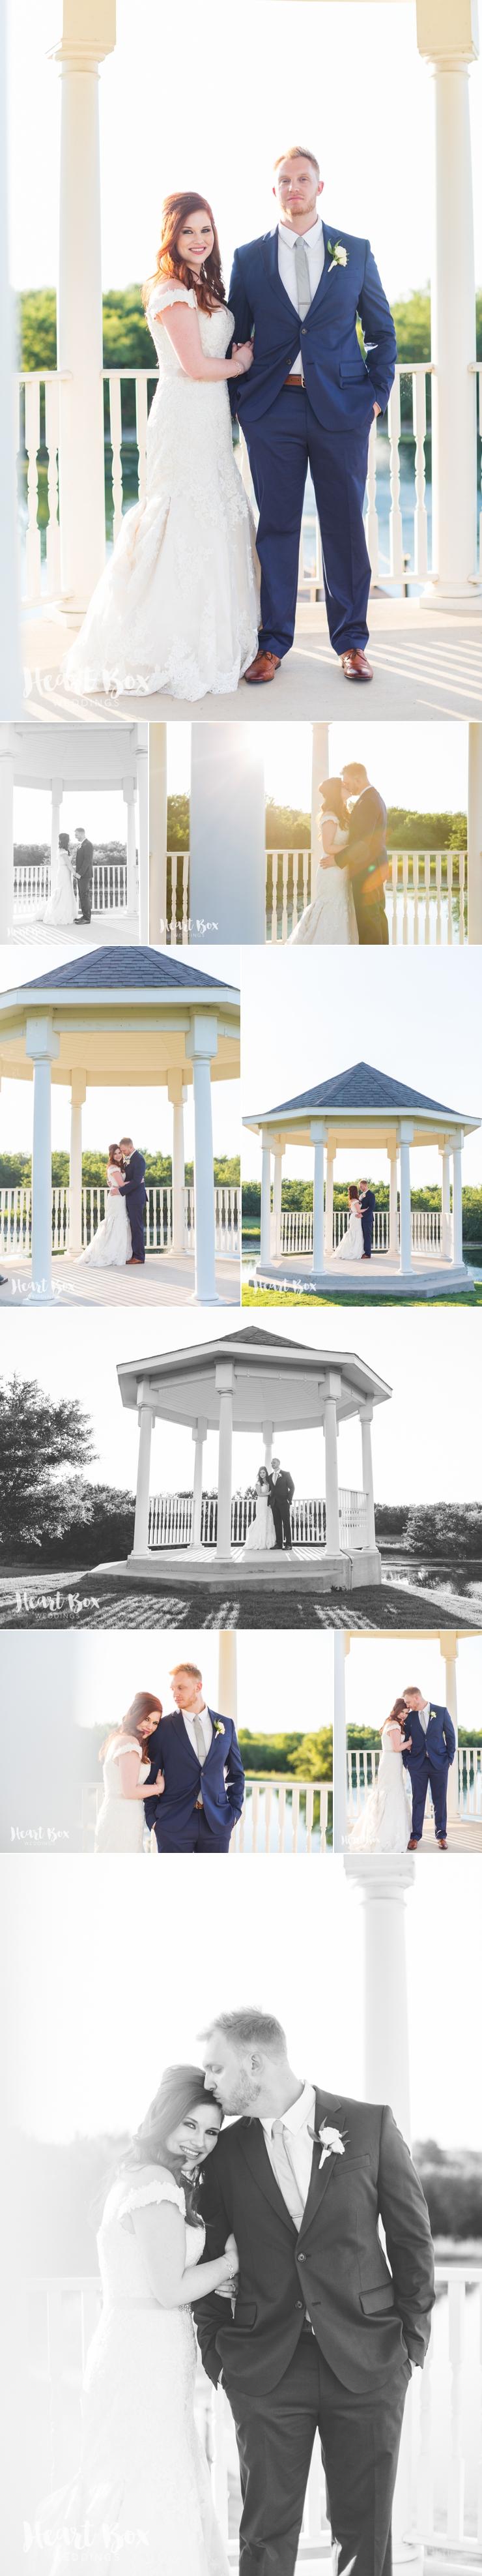 Muprhey Wedding Blog Collages 22.jpg